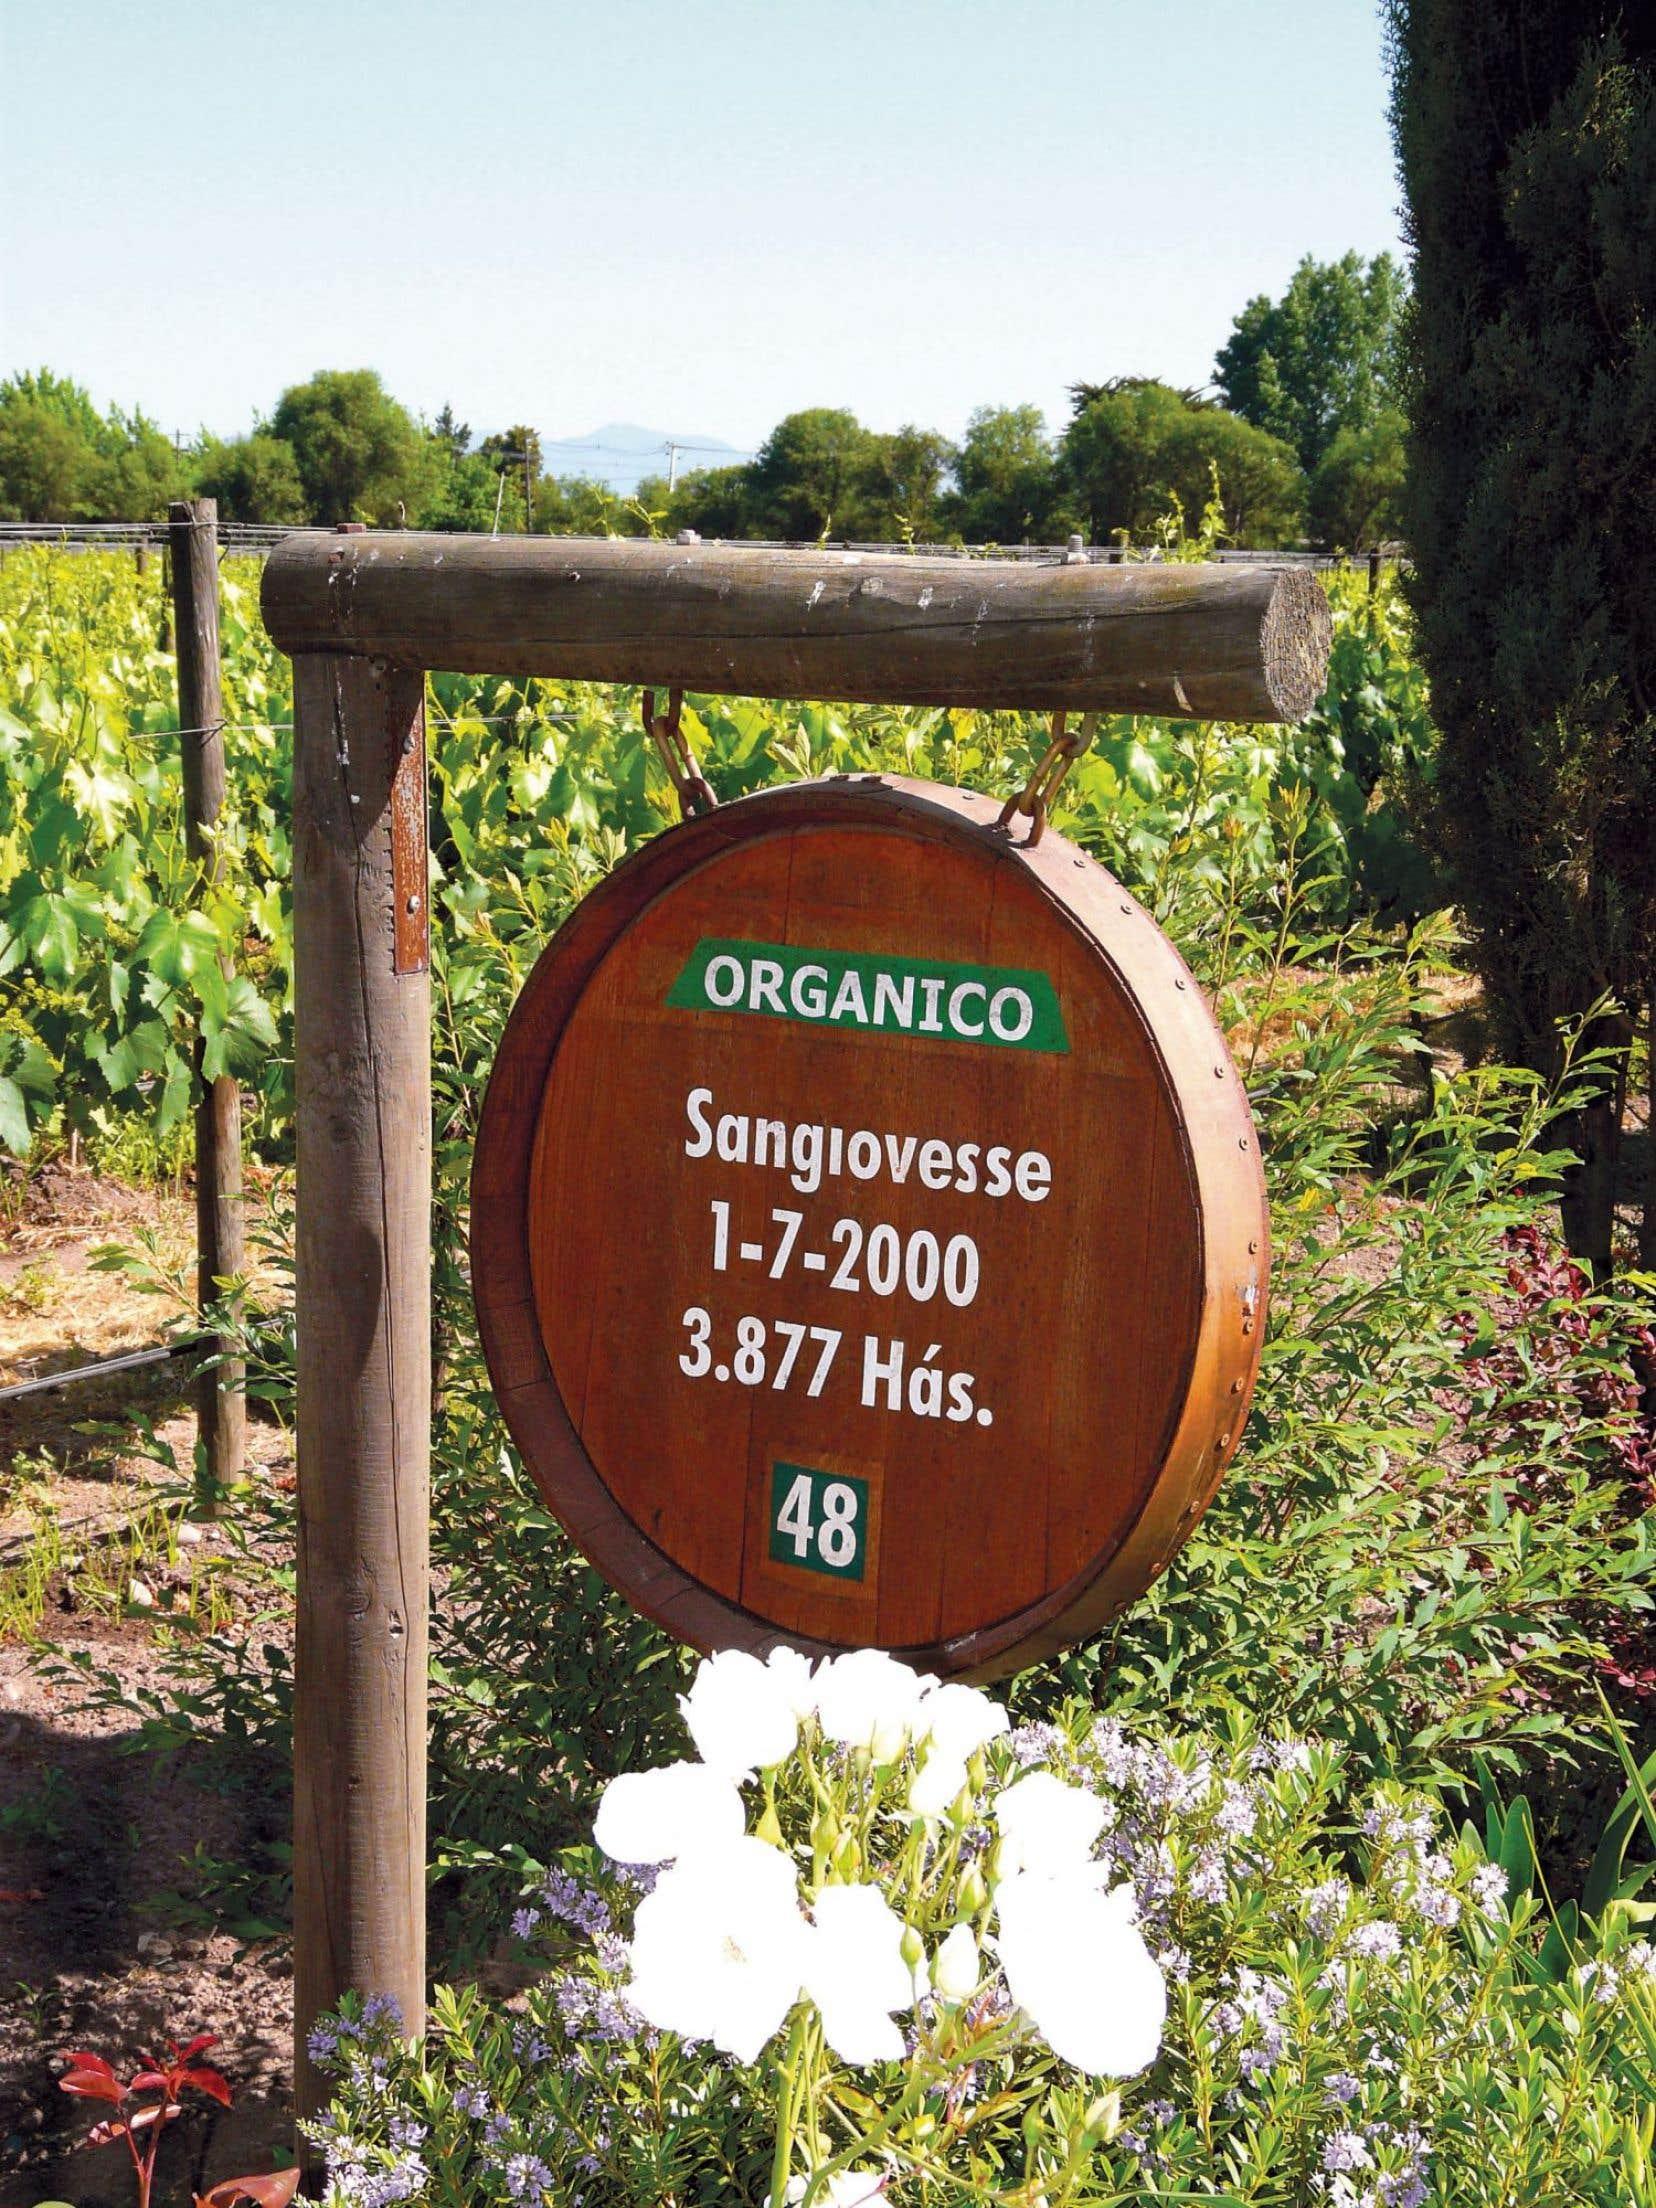 Un vignoble en agriculture biologique, ici chez De Martino, au Chili